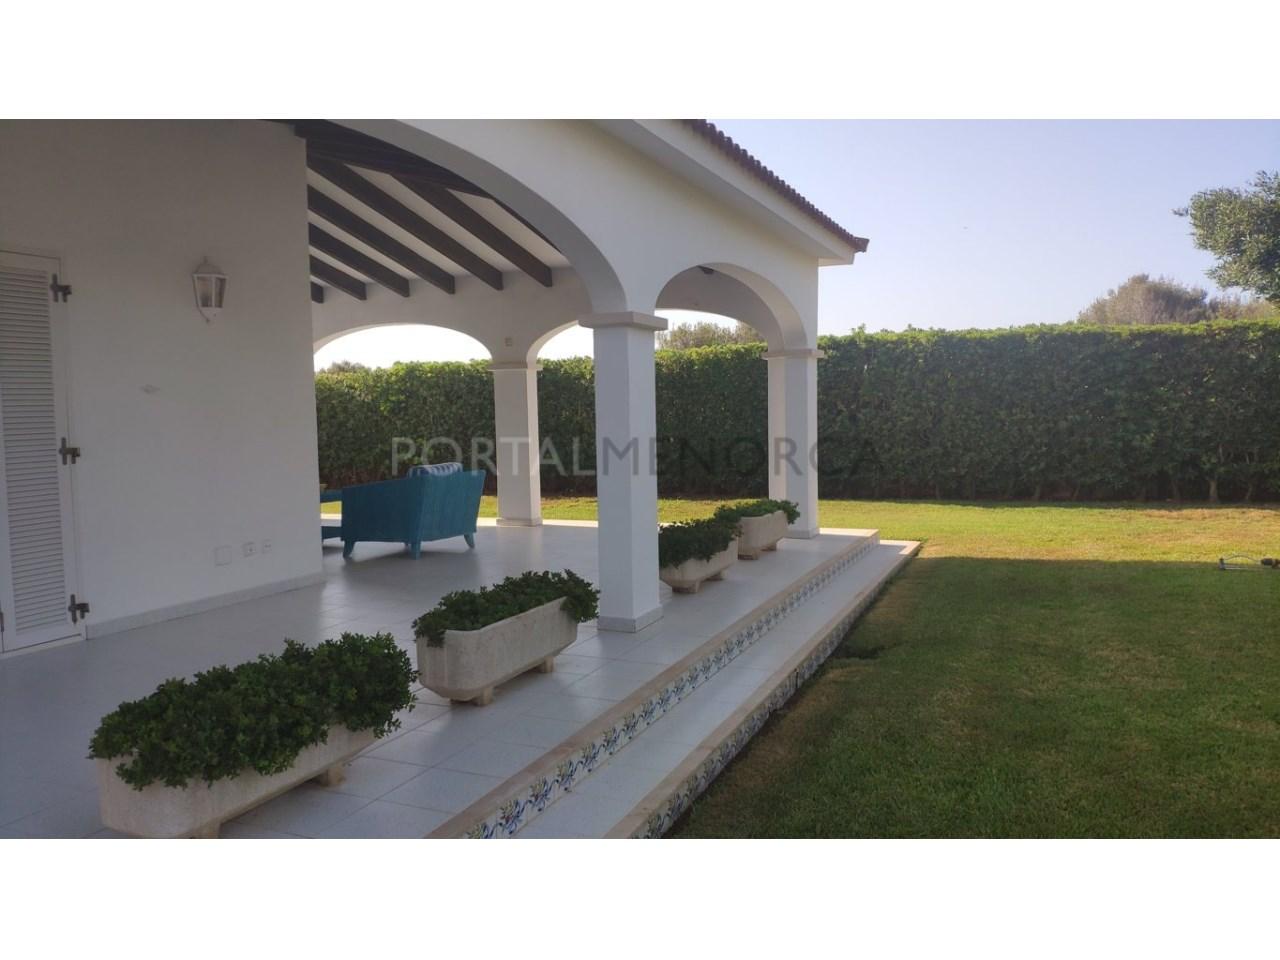 Chalet en venta en Calan Blanes con licencia turística Ciutadella Menorca - Terraza delantera